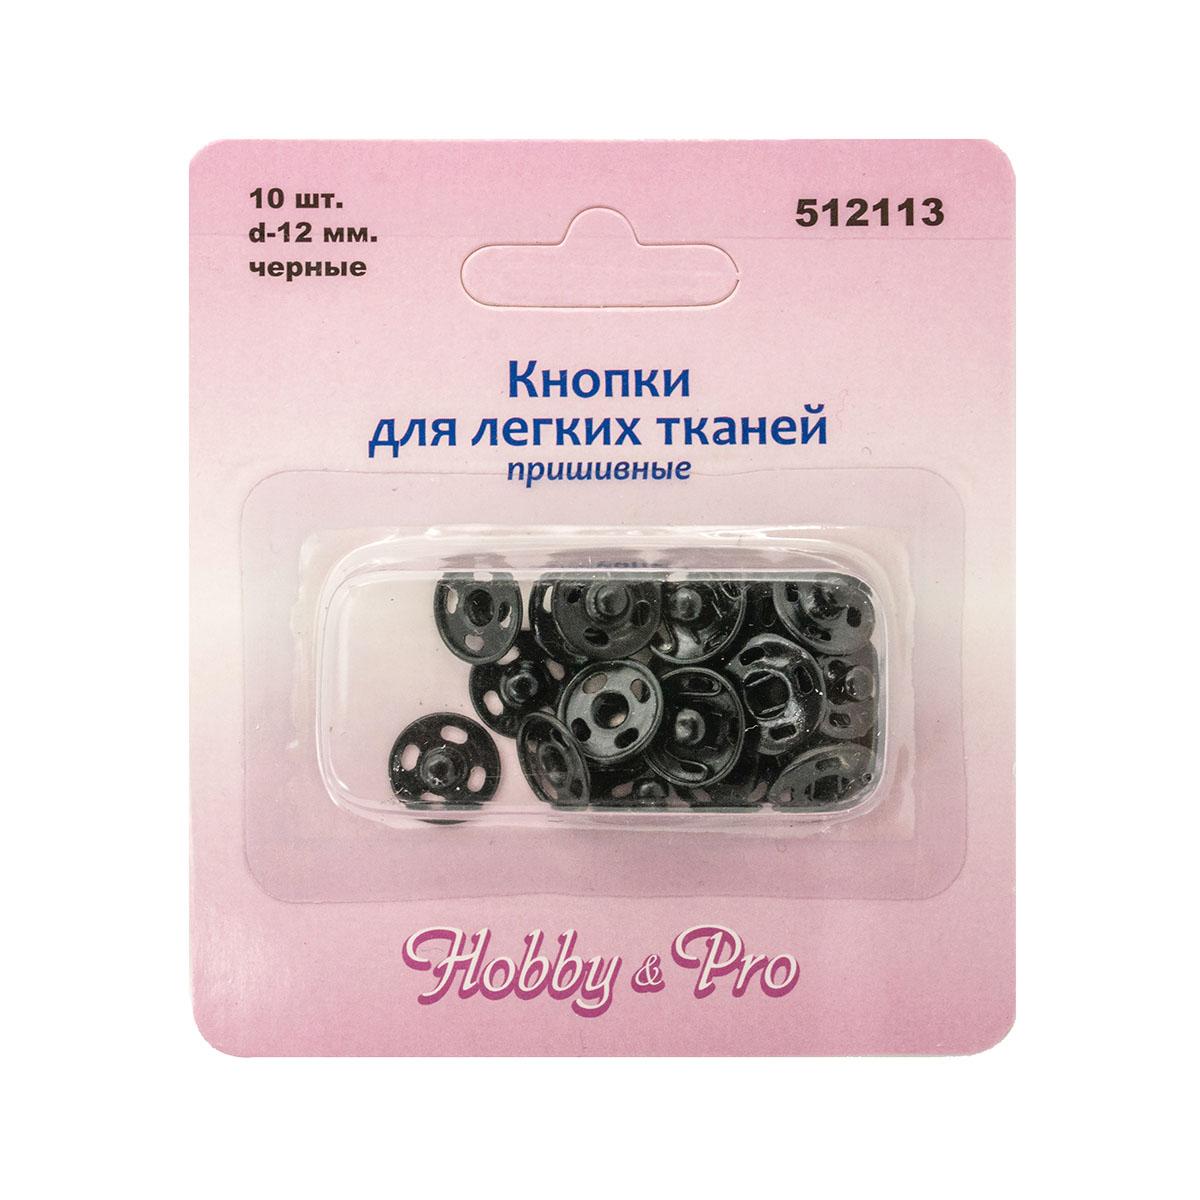 512113 Кнопки для легких тканей пришивные, черные, d 12 мм, упак./10 шт., Hobby&Pro